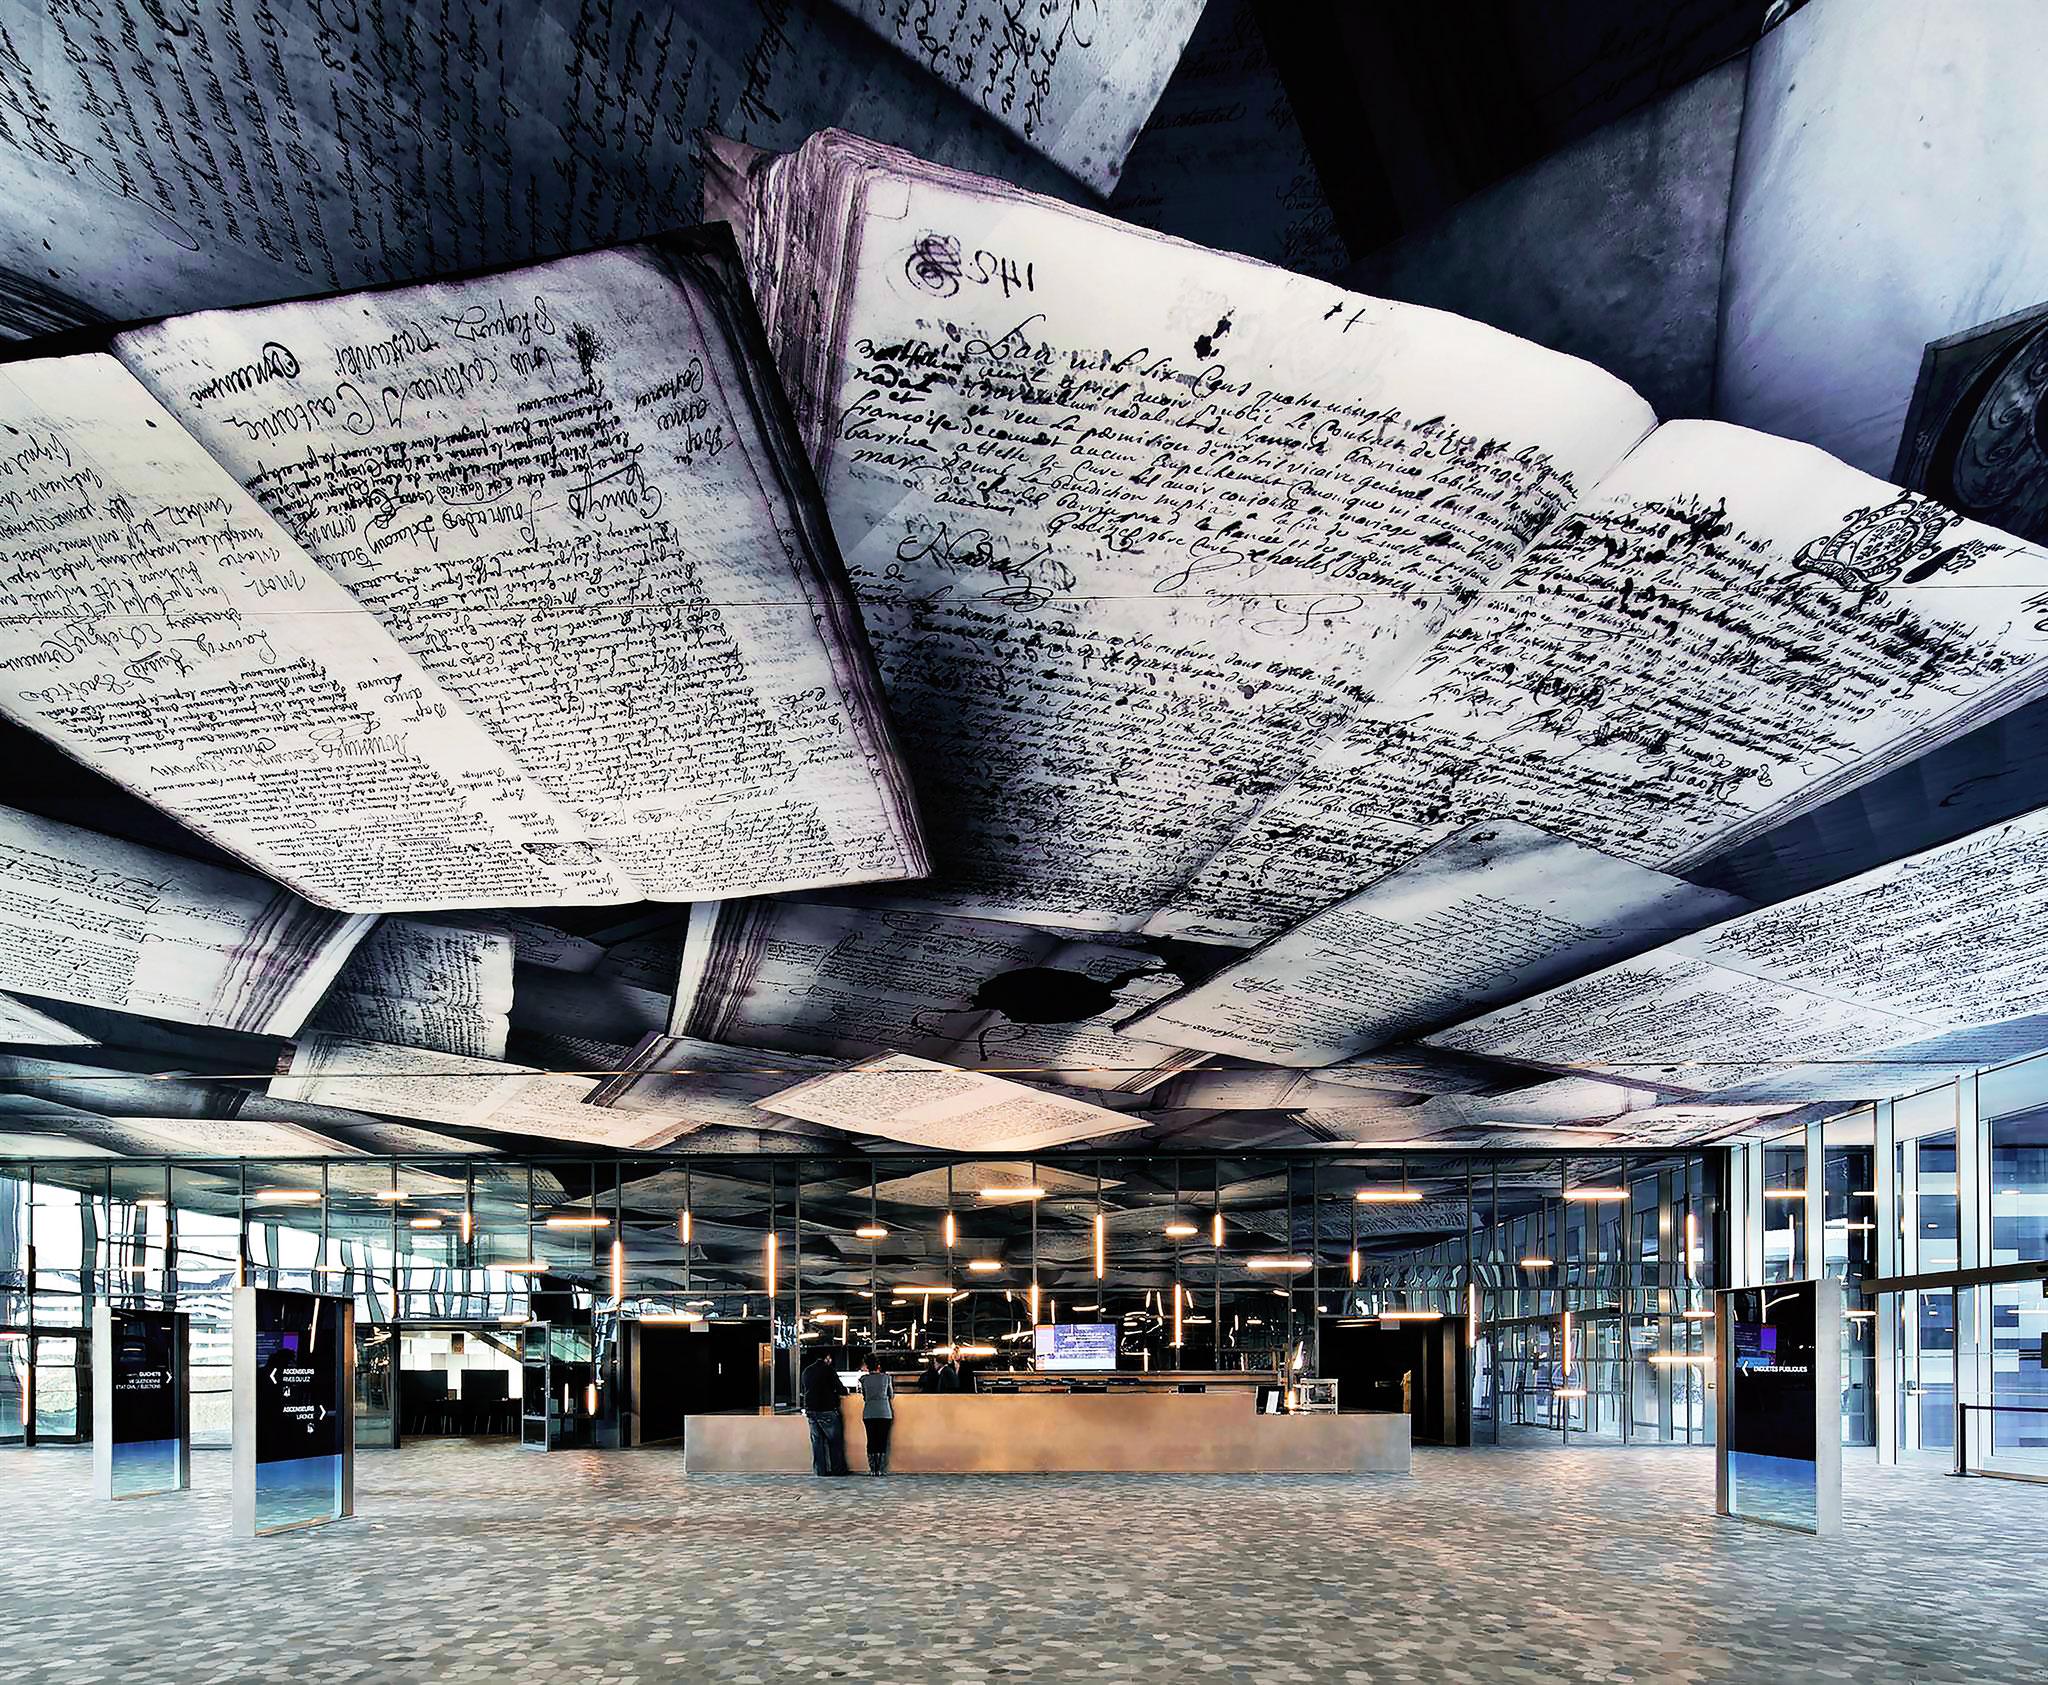 Motivspanndecke, Textilspanndecke DESCOR Fotodruck, MERLIN Spanndecken Kärnten; Foto: PONGS,